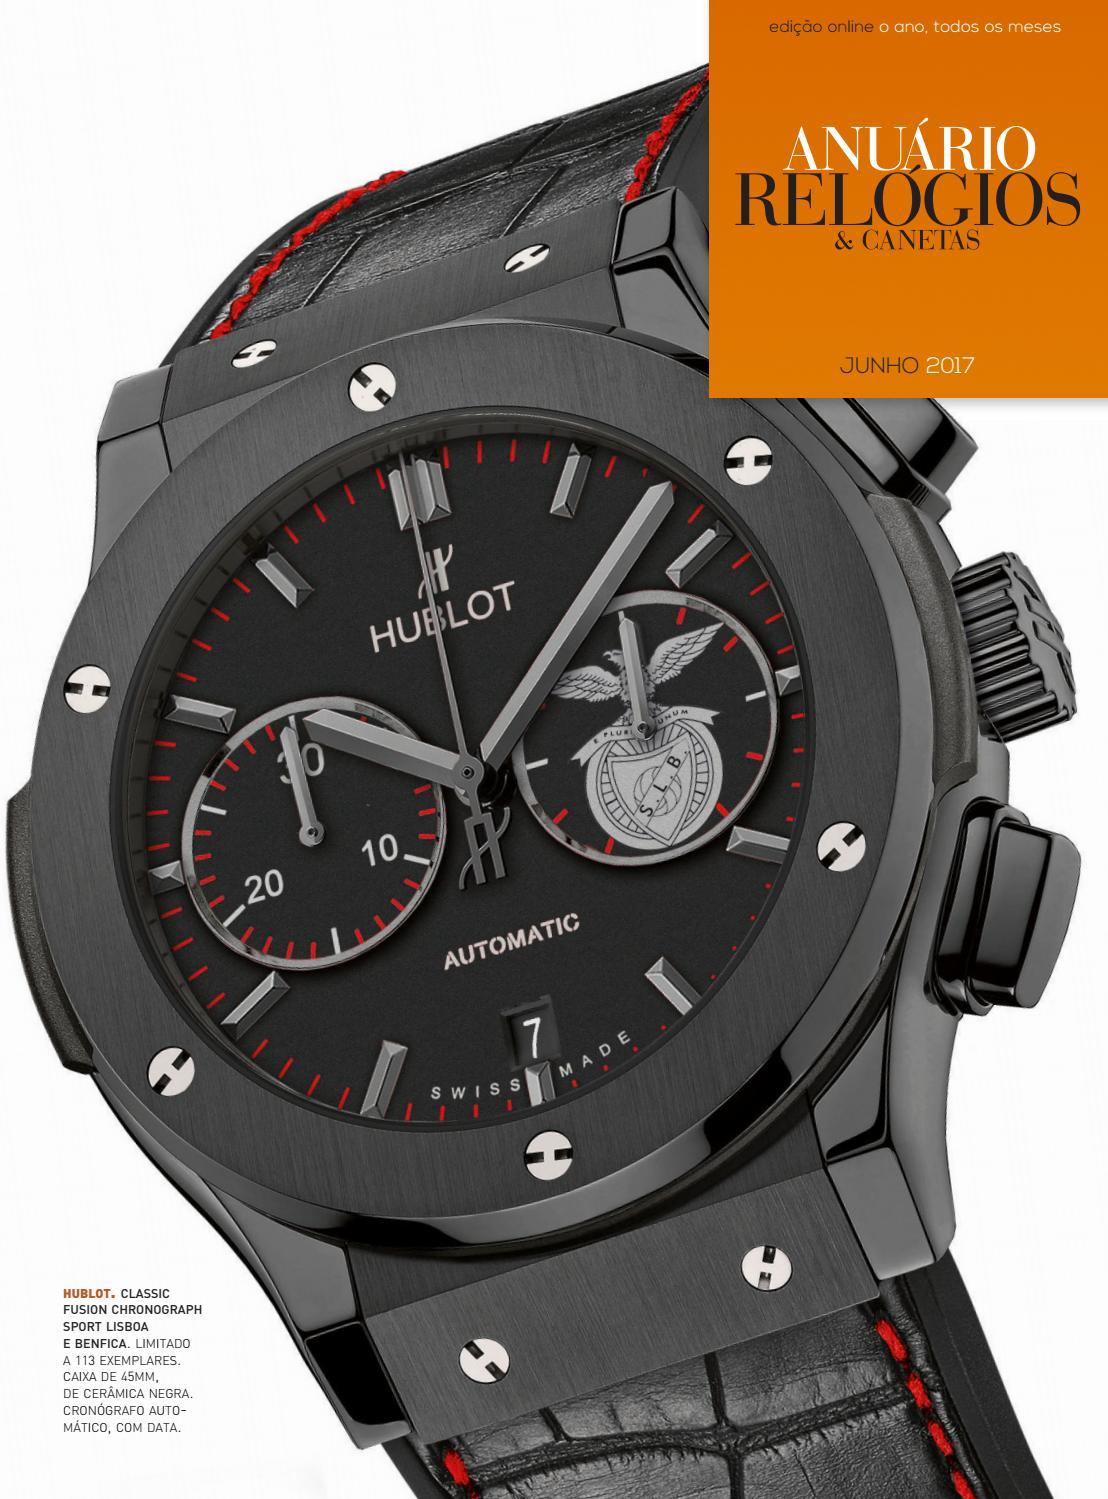 1f1c43f6528 Anuário Relógios   Canetas - Junho 2017 by Anuário Relógios   Canetas -  issuu